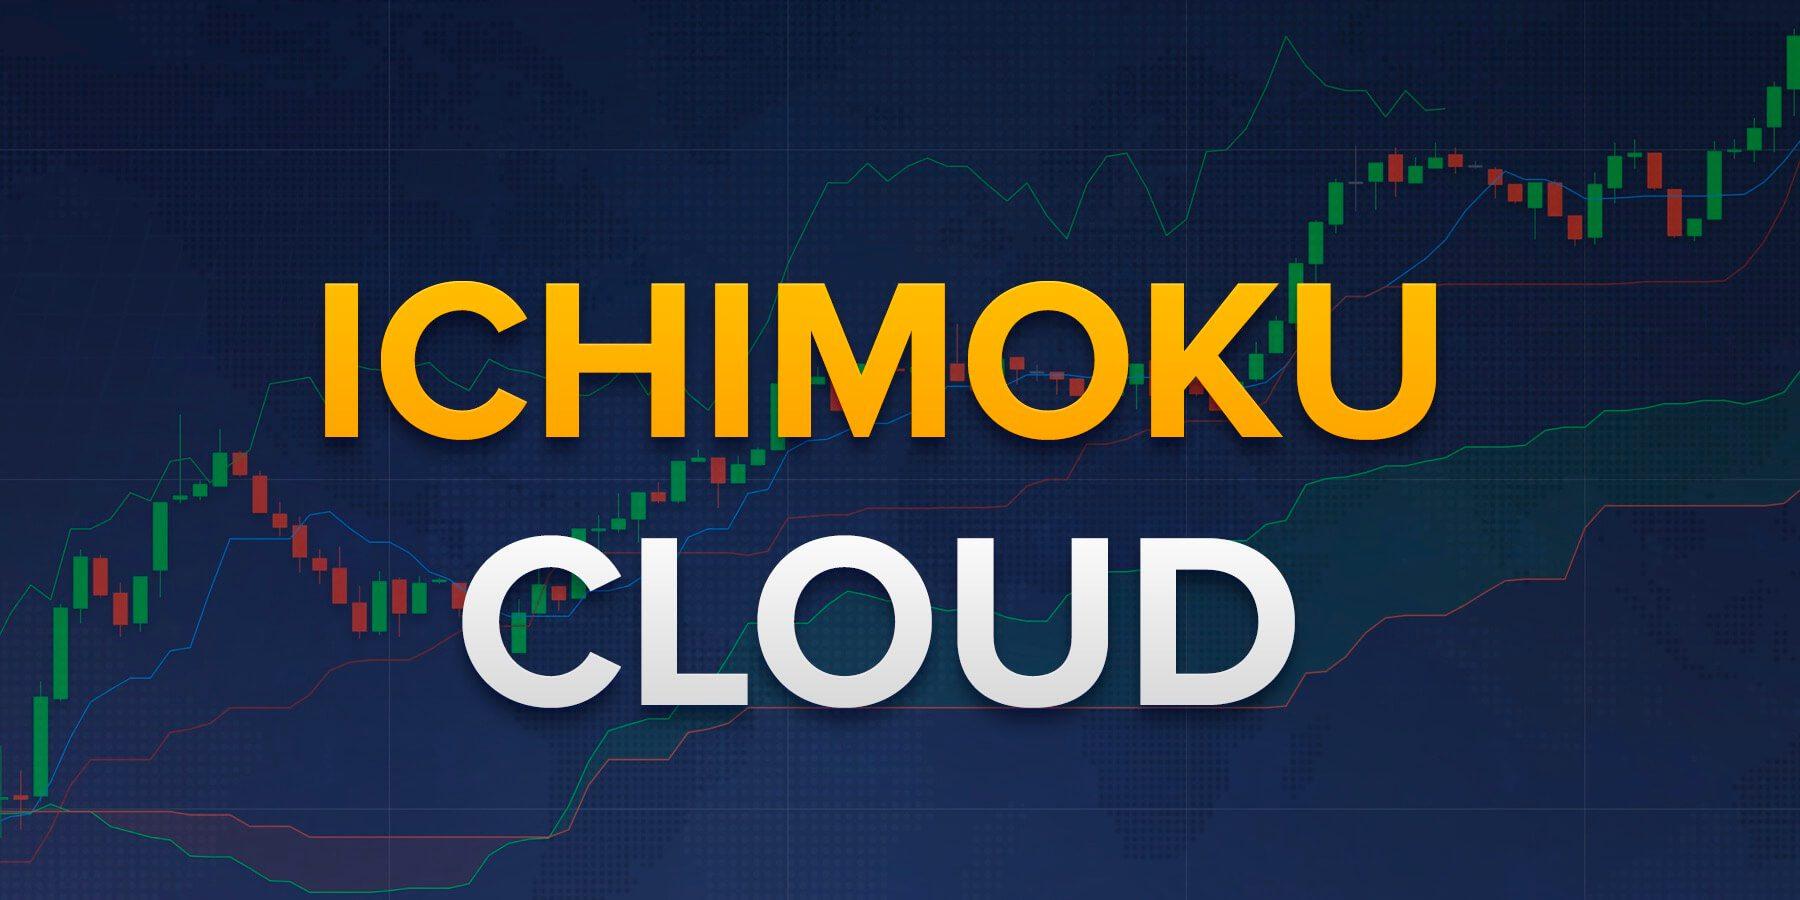 Ichimoku settings forex